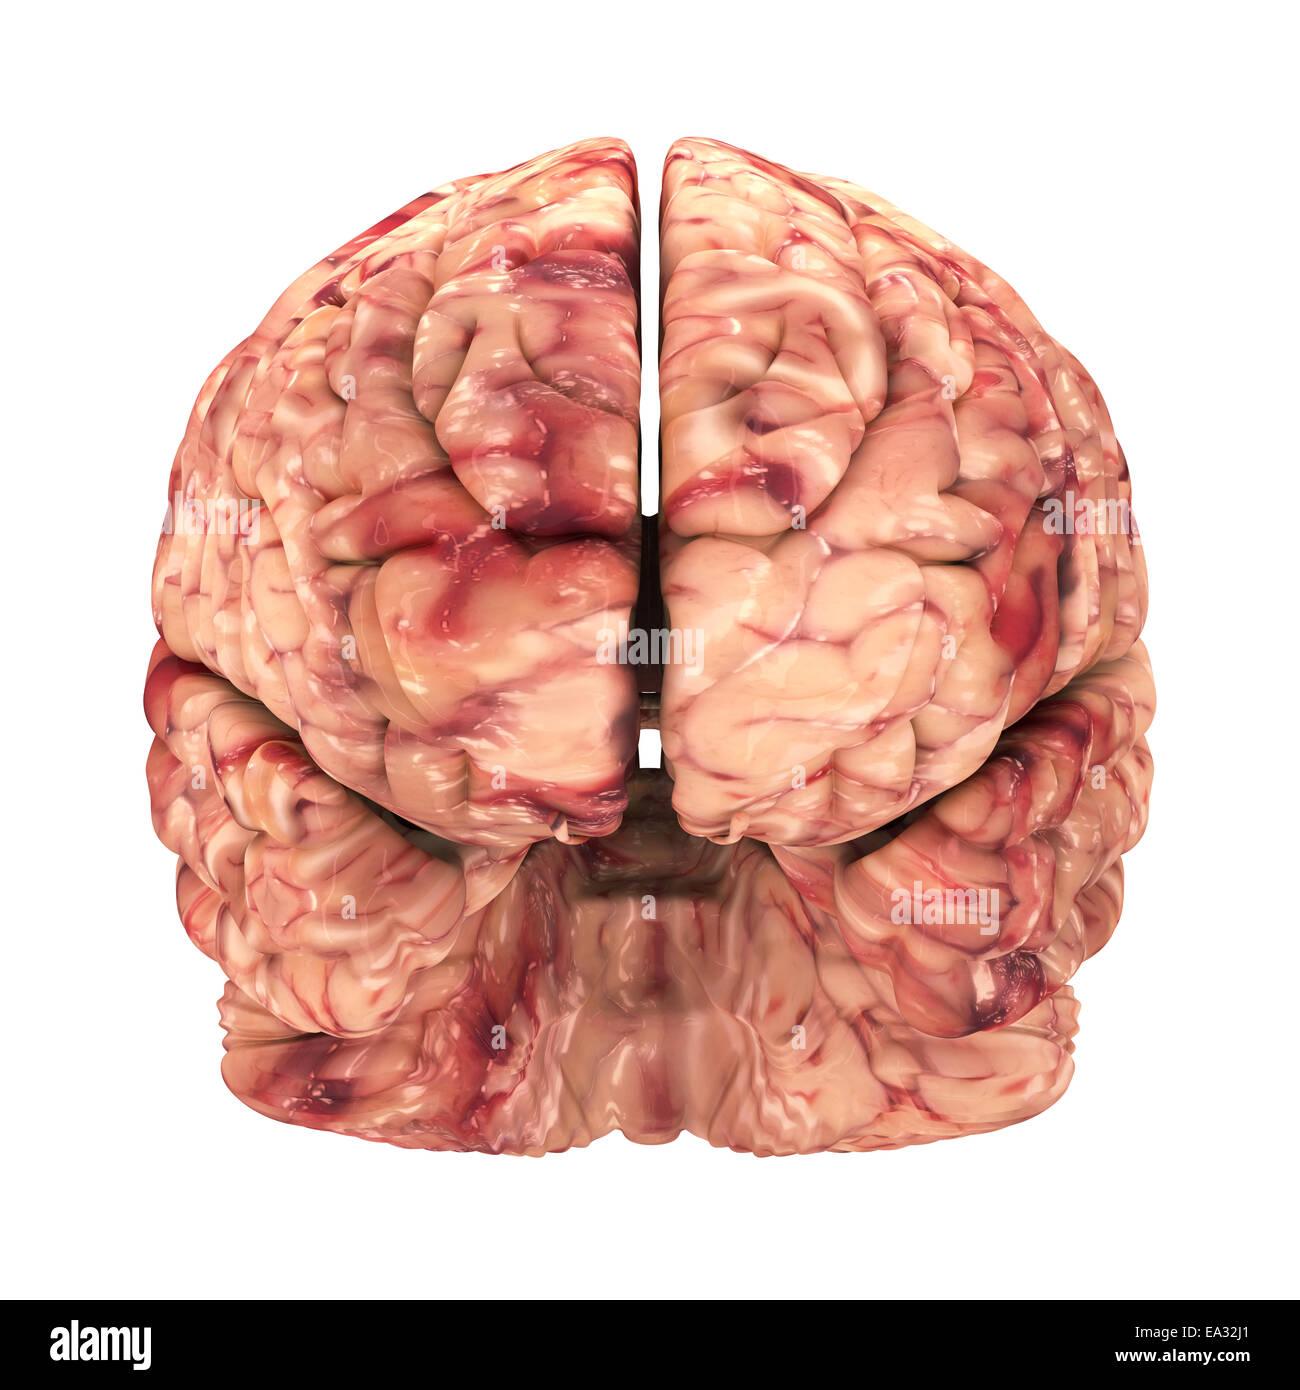 Anatomie Gehirn - Vorderansicht, Isolated on White Stockfoto, Bild ...